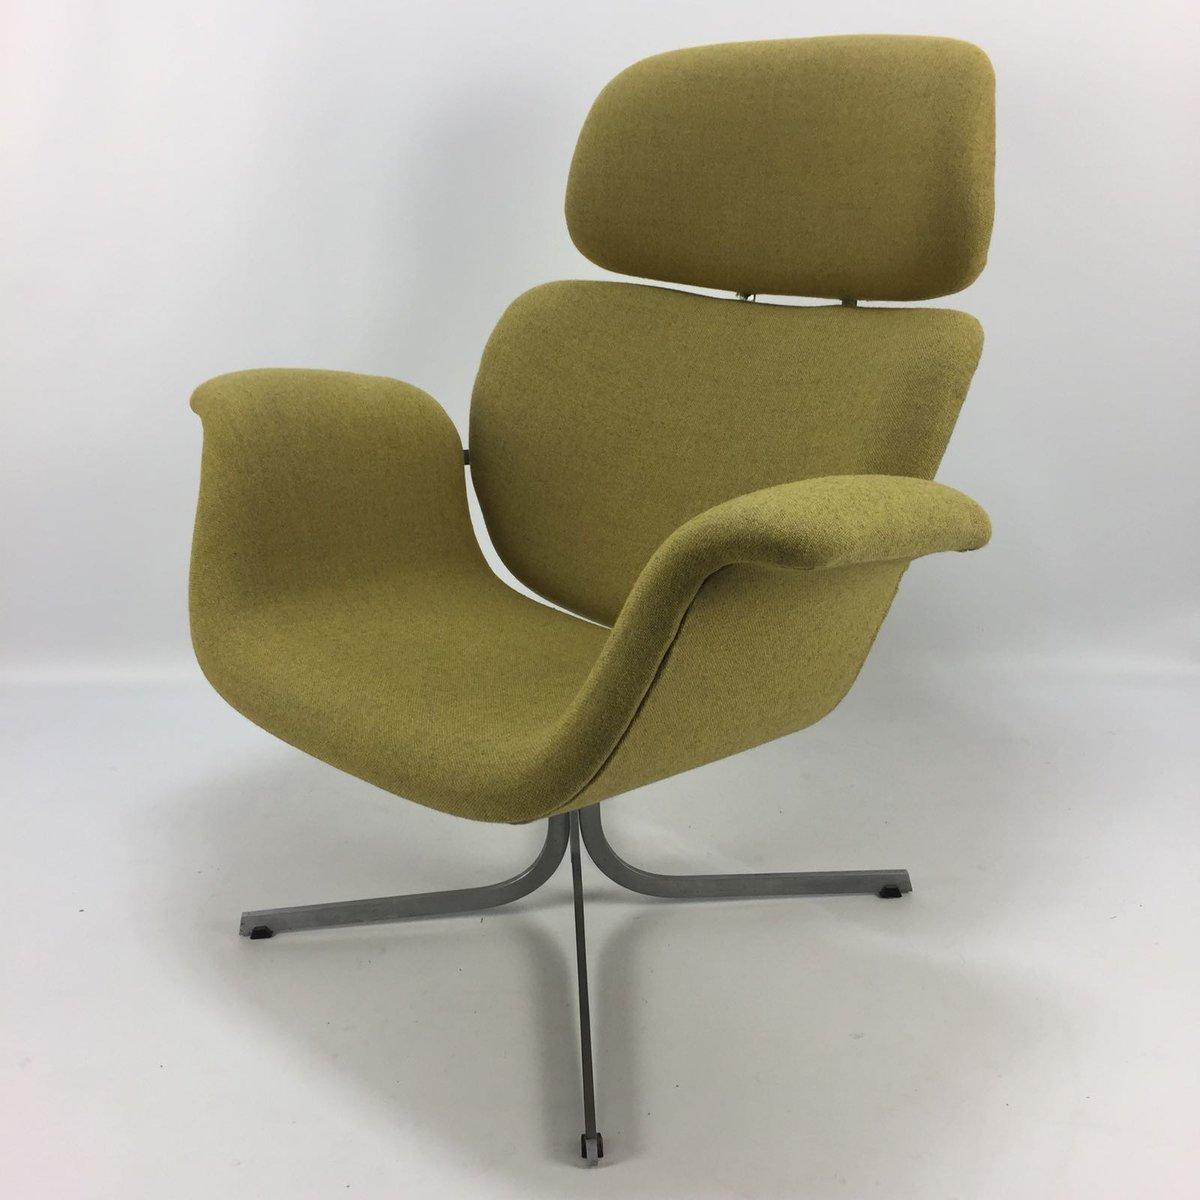 grande chaise tulipe par pierre paulin pour artifort 1960s en vente sur pamono. Black Bedroom Furniture Sets. Home Design Ideas